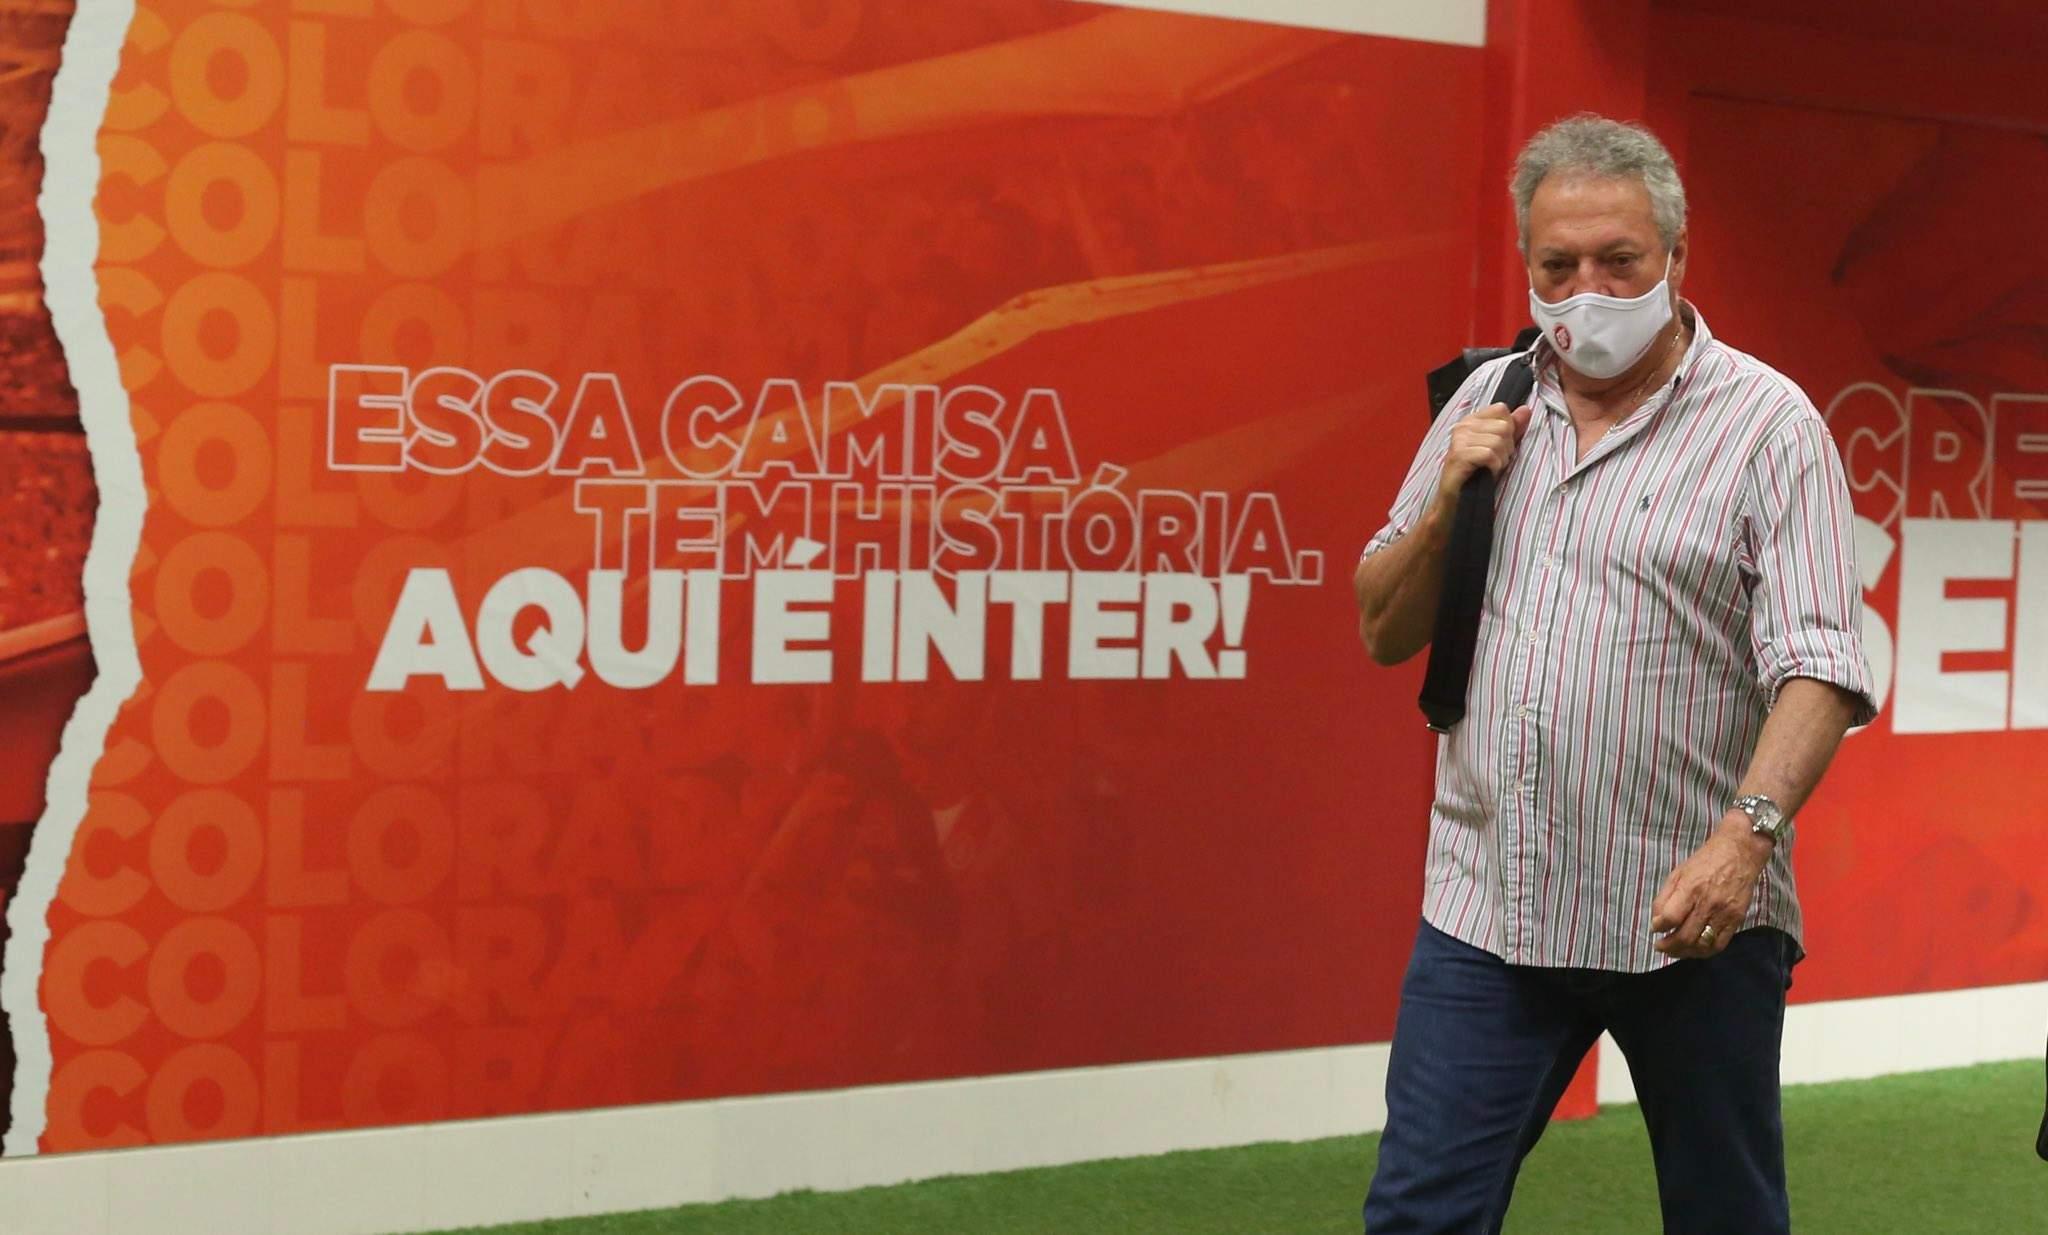 Abel Braga Confirma Saida Do Internacional Revela Choro E Critica Arbitragem